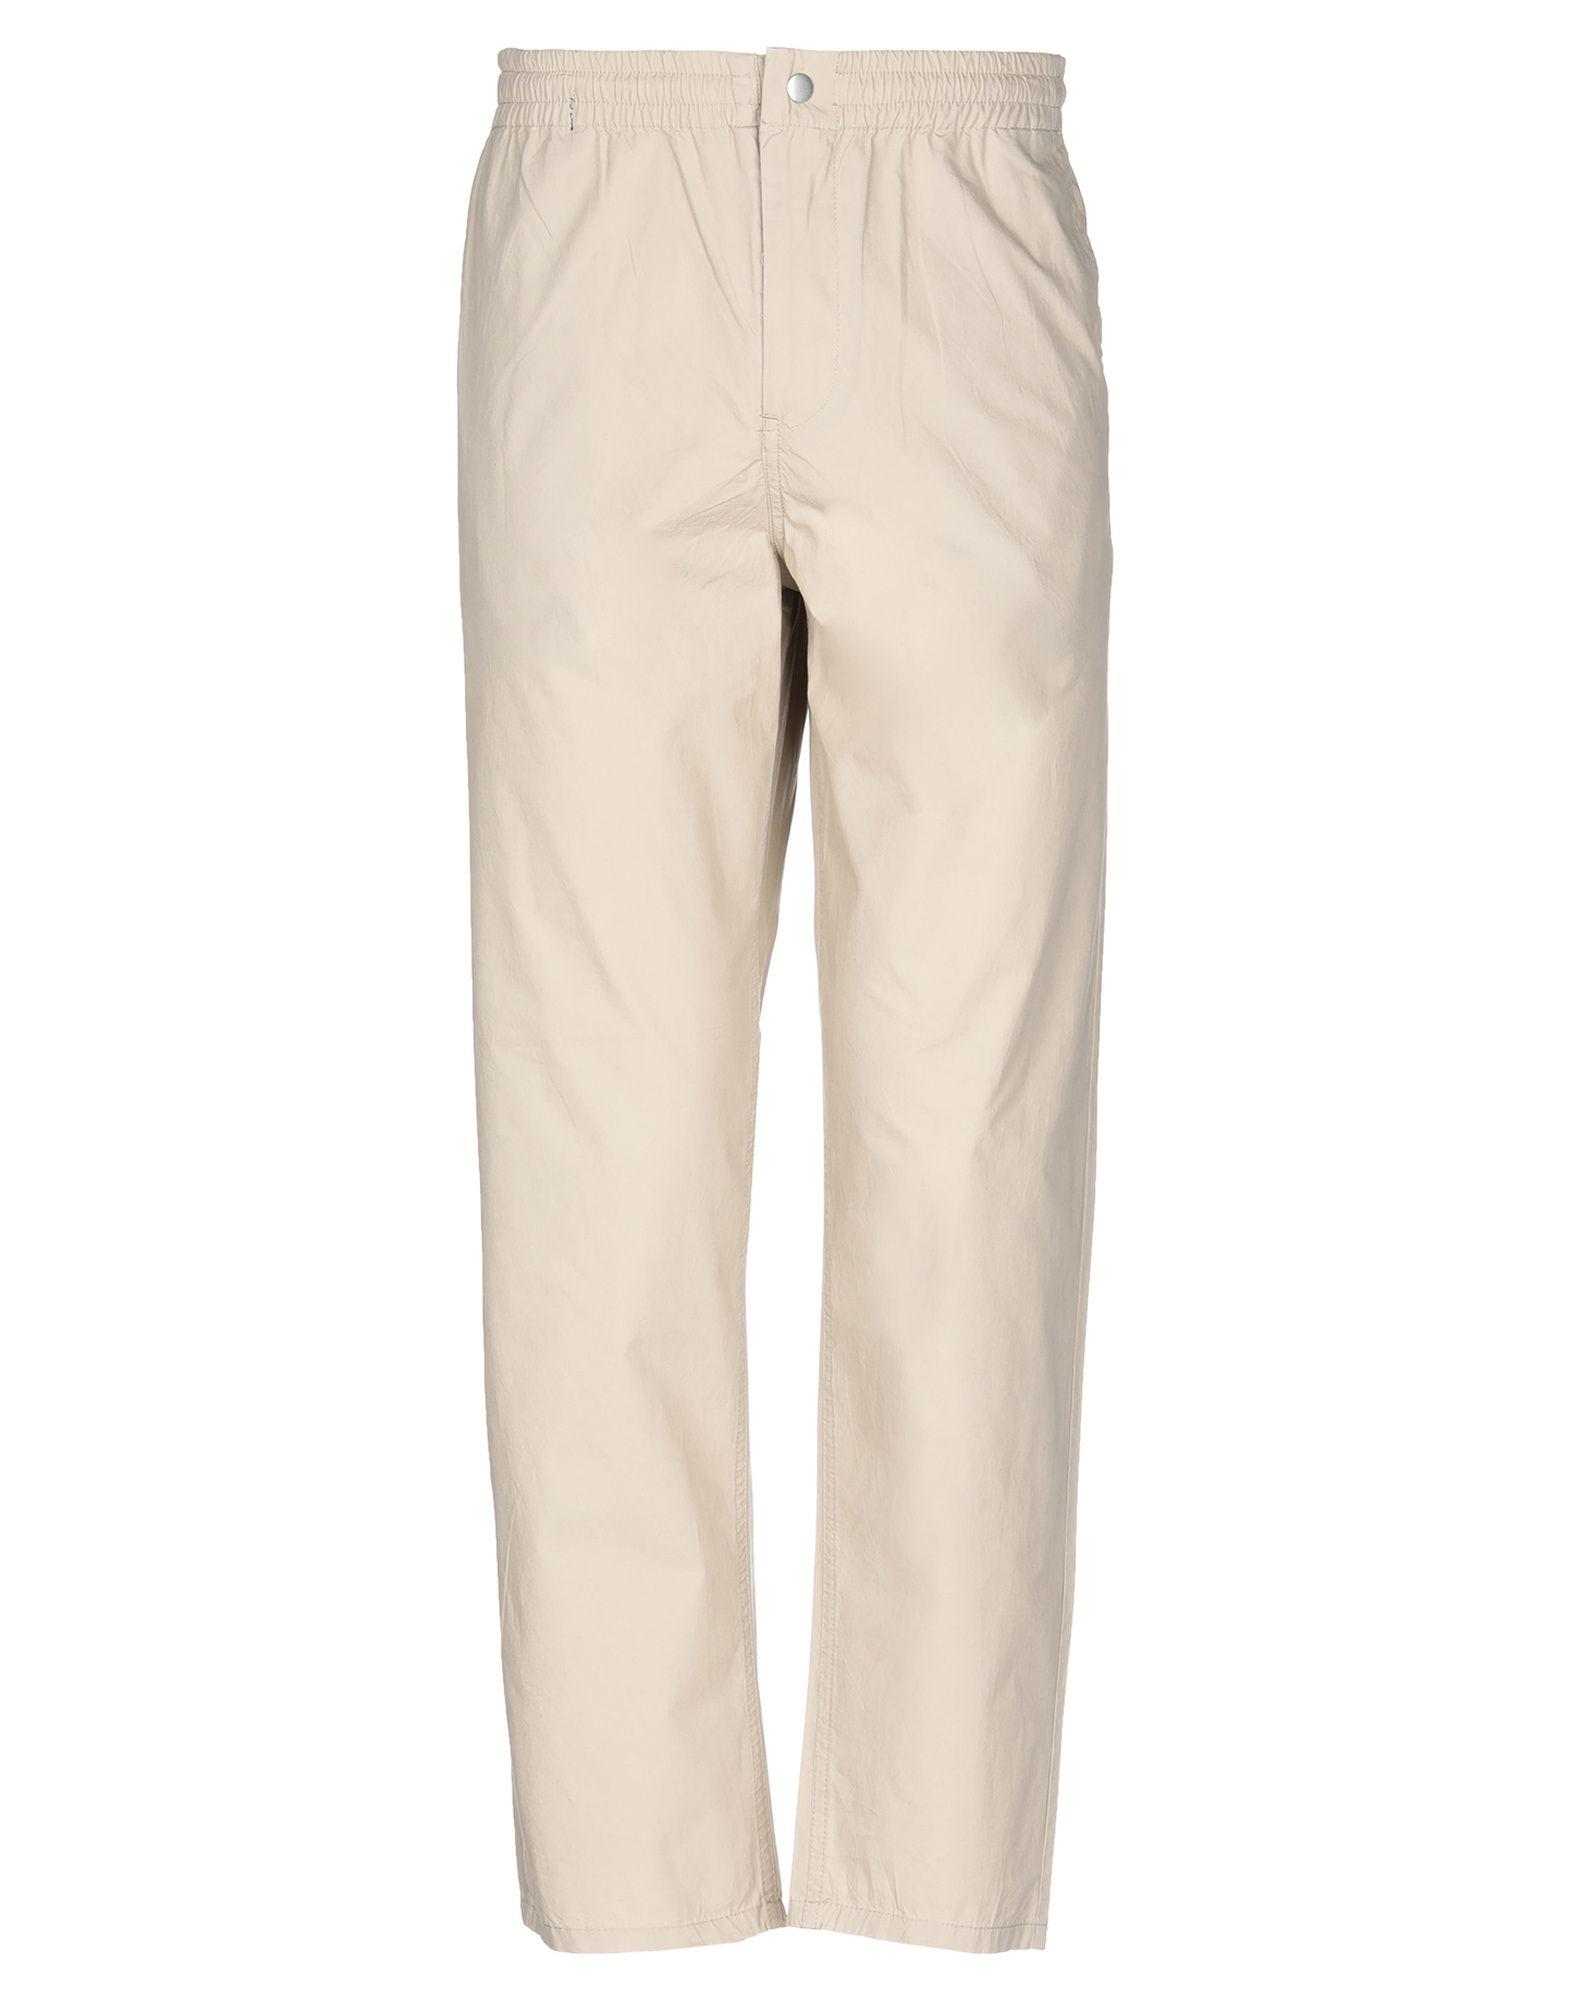 SELECTED HOMME + KOBENHAVN Повседневные брюки недорого